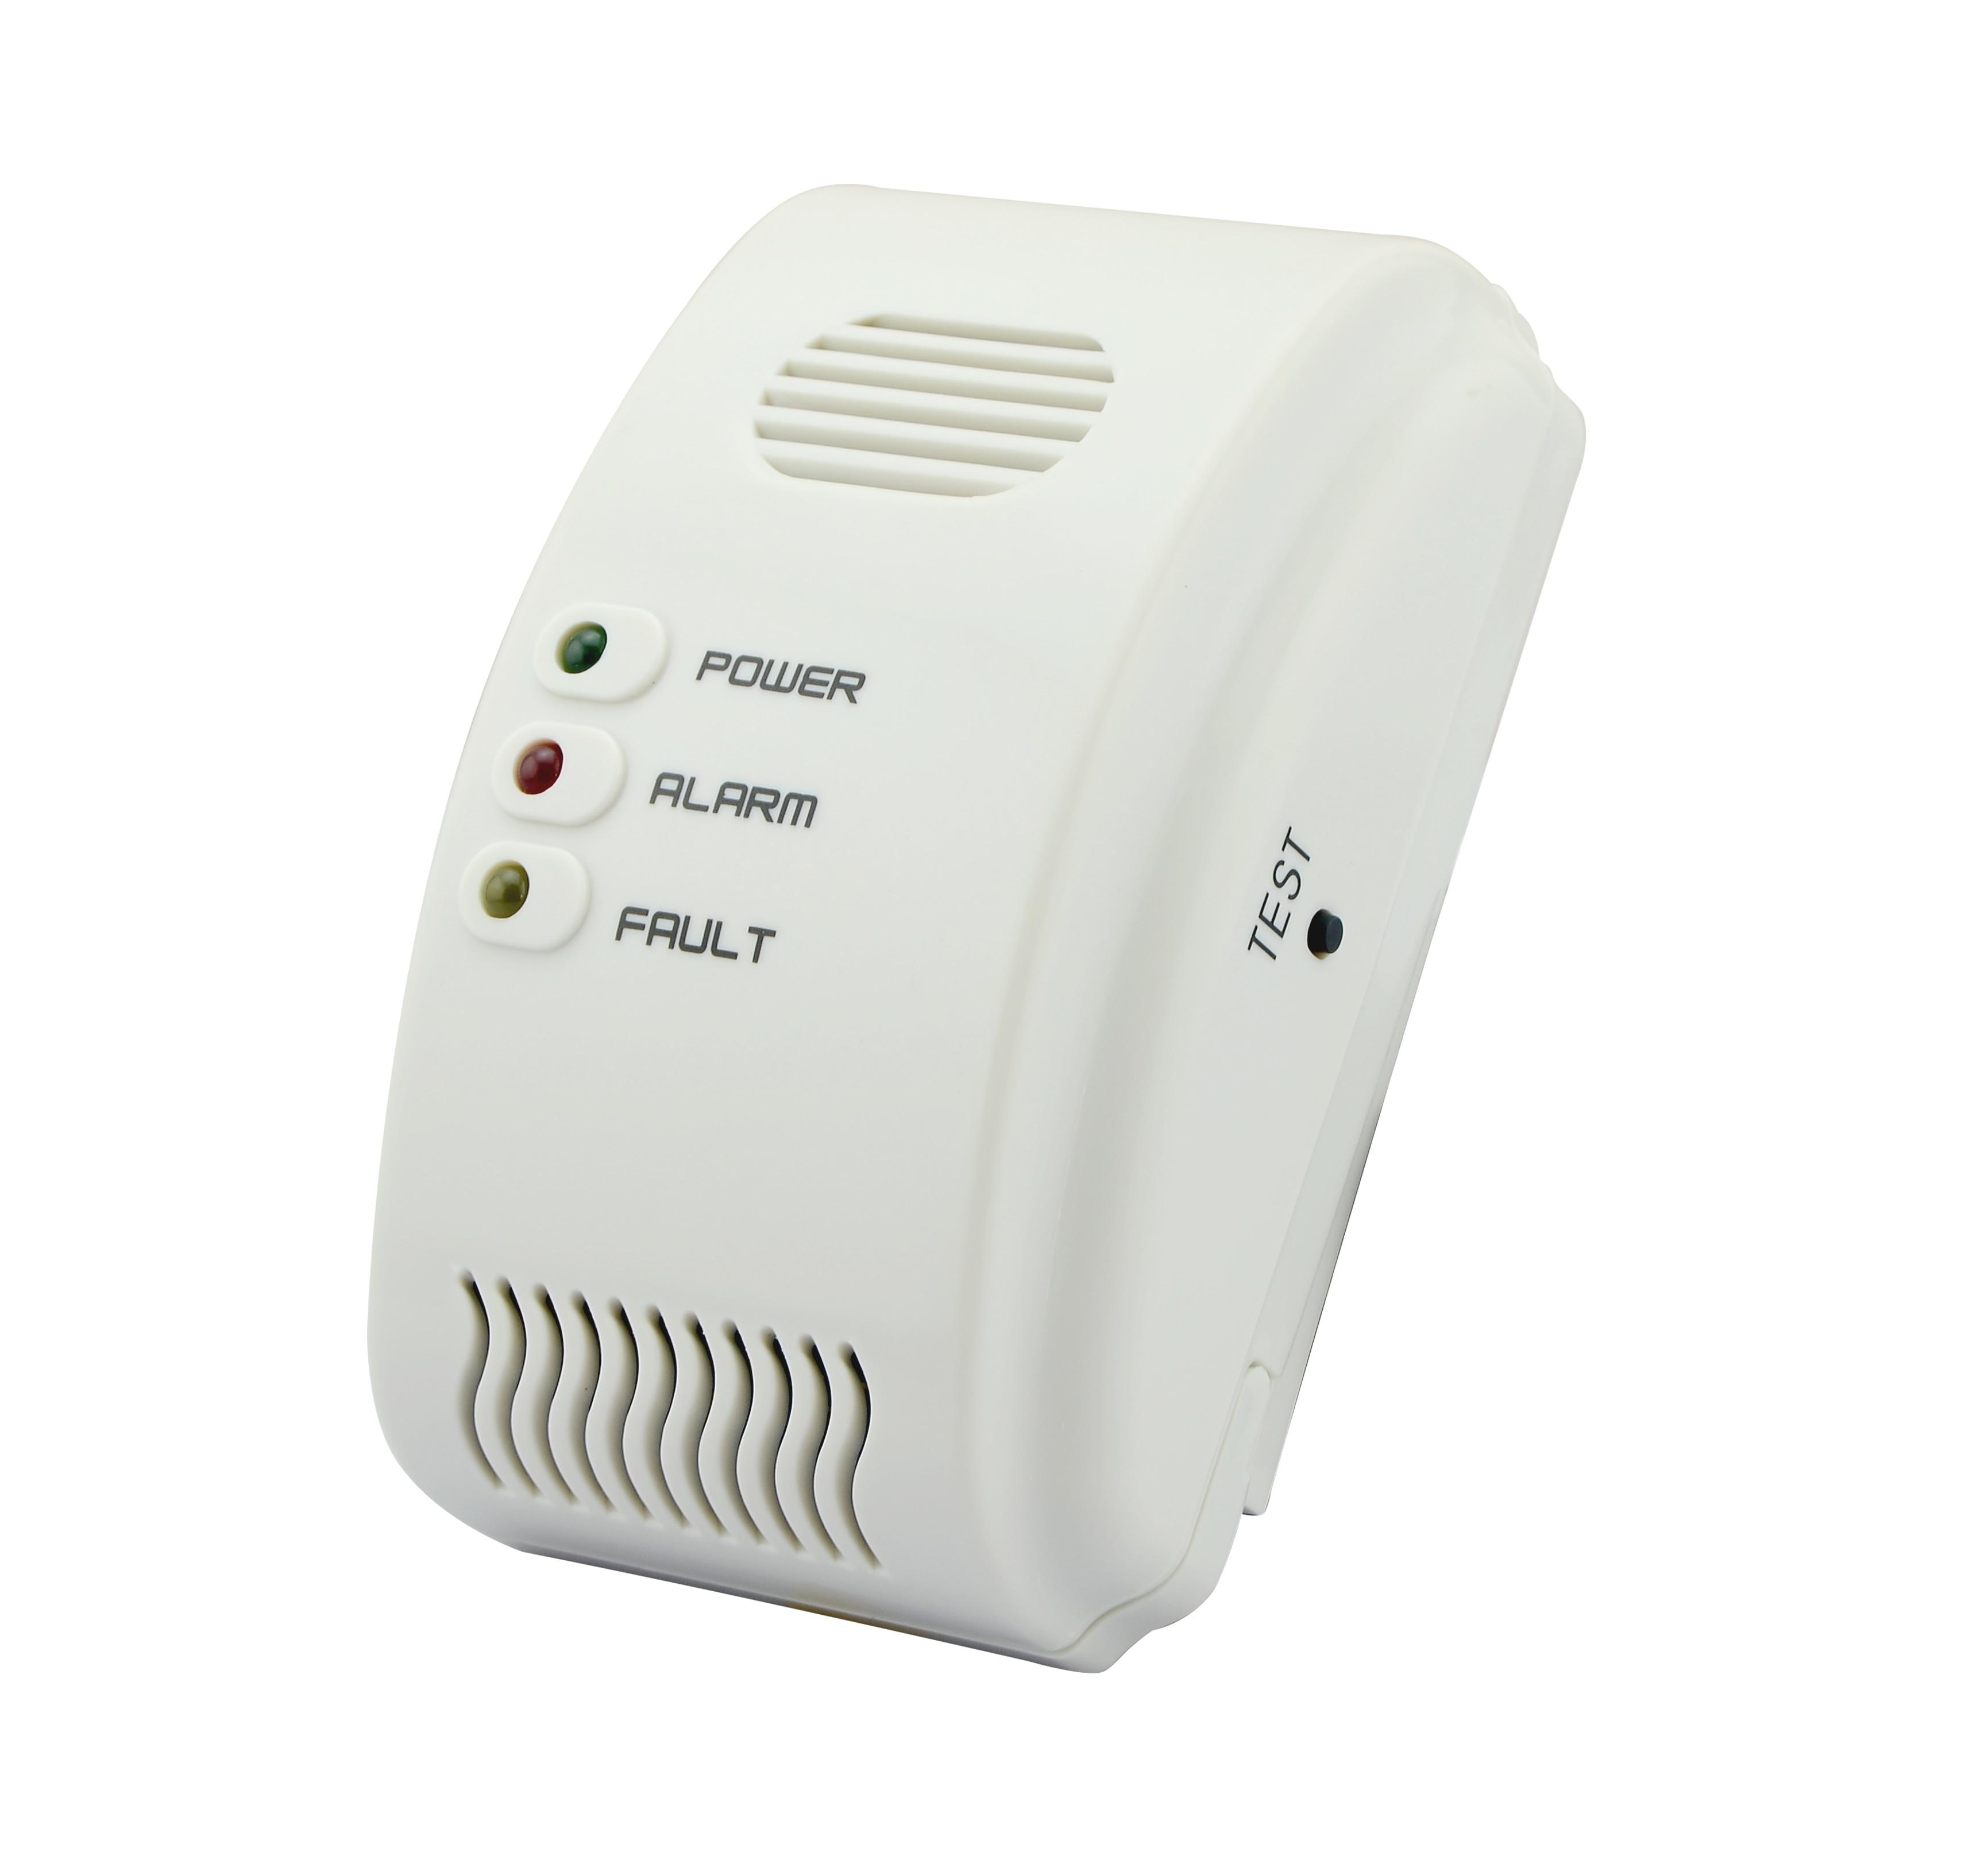 Детектор газа, датчик сигнализации, Высокочувствительный детектор природного угля домашняя система охранной сигнализации